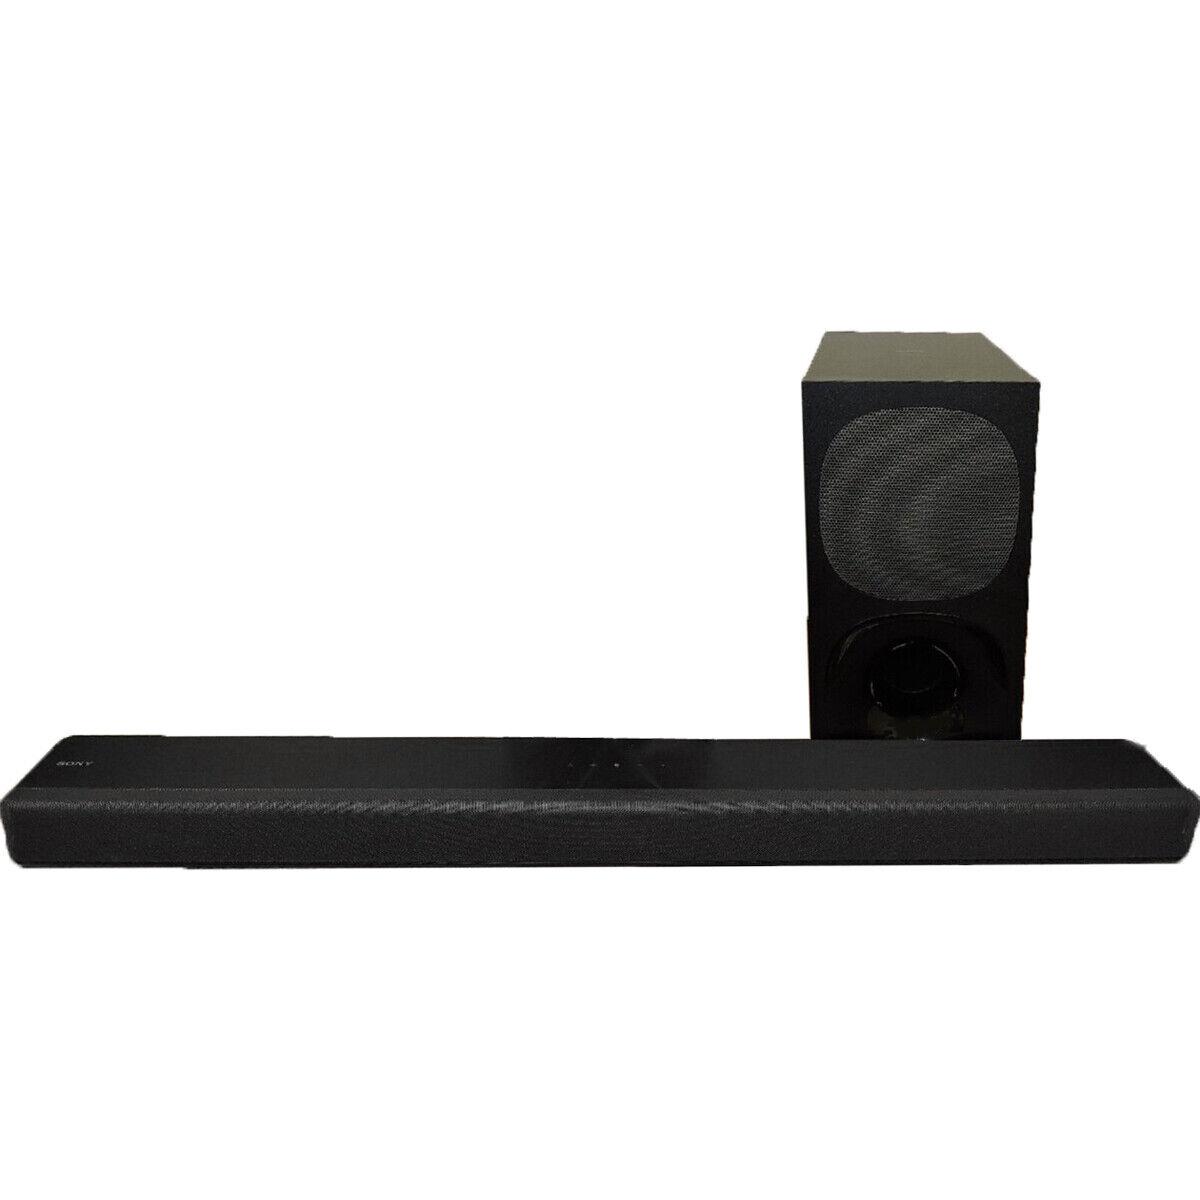 Sony HT-G700 3.1ch Dolby Atmos / DTS:X Soundbar with Wireles